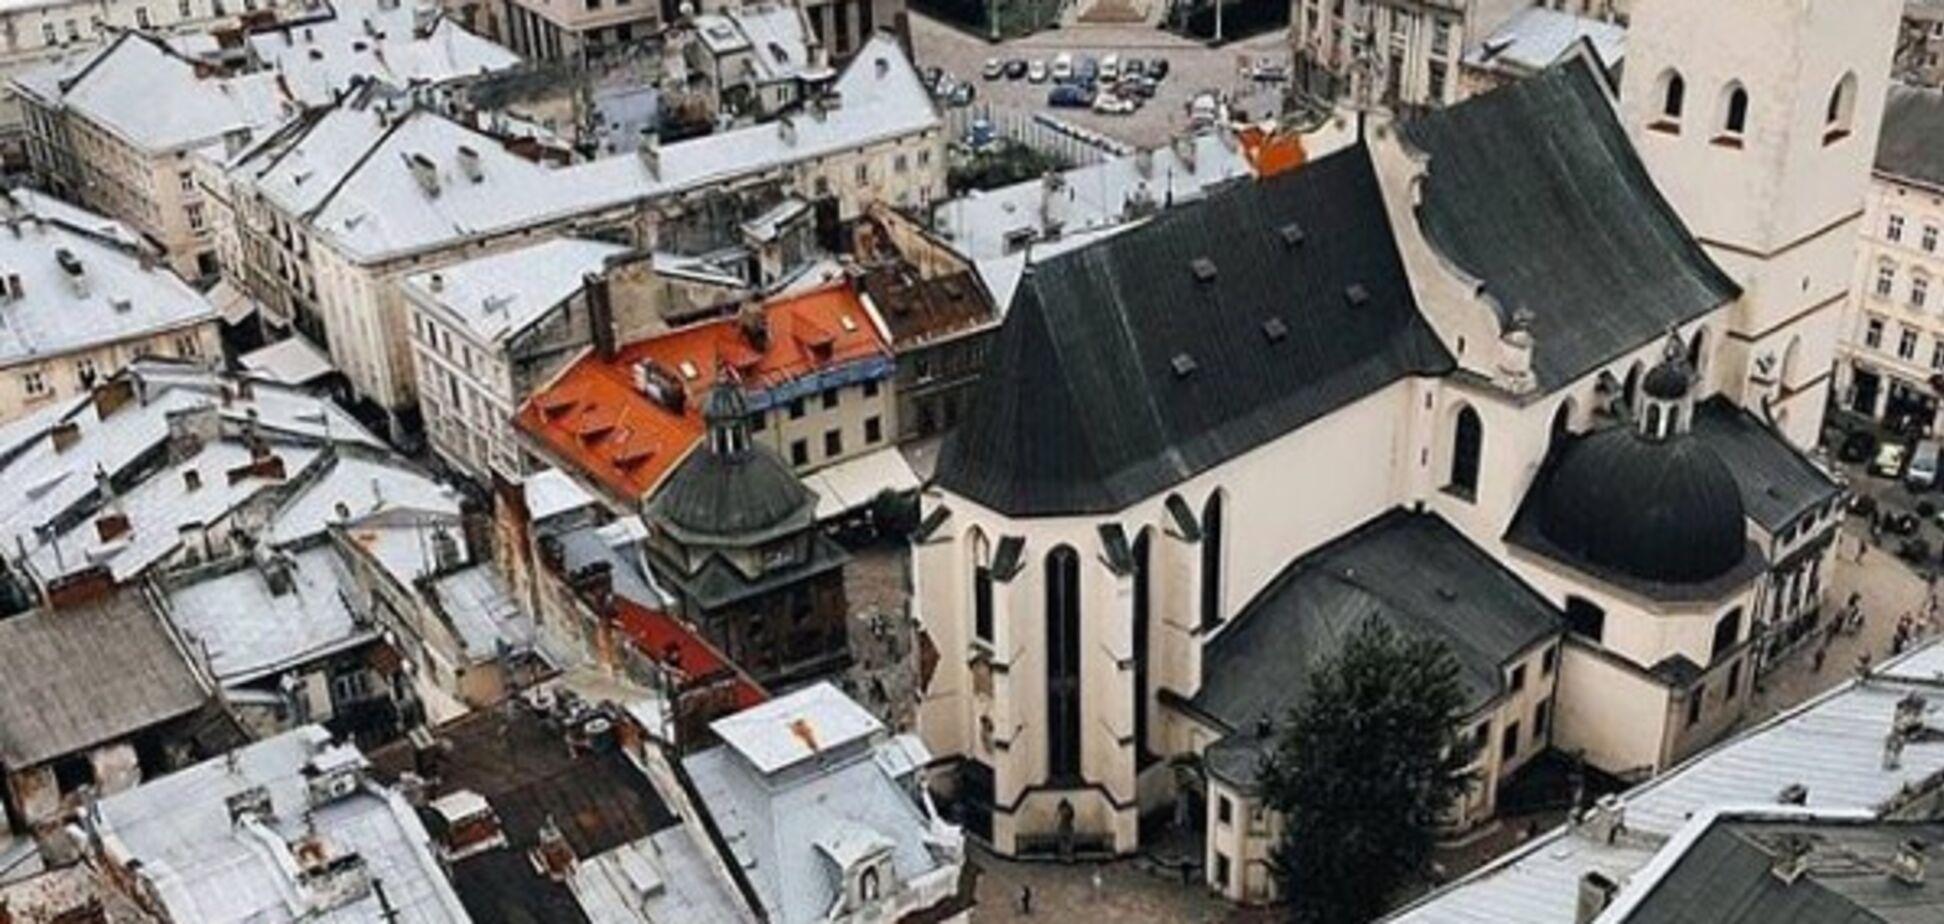 Осінній Львів: опубліковані барвисті фото міста